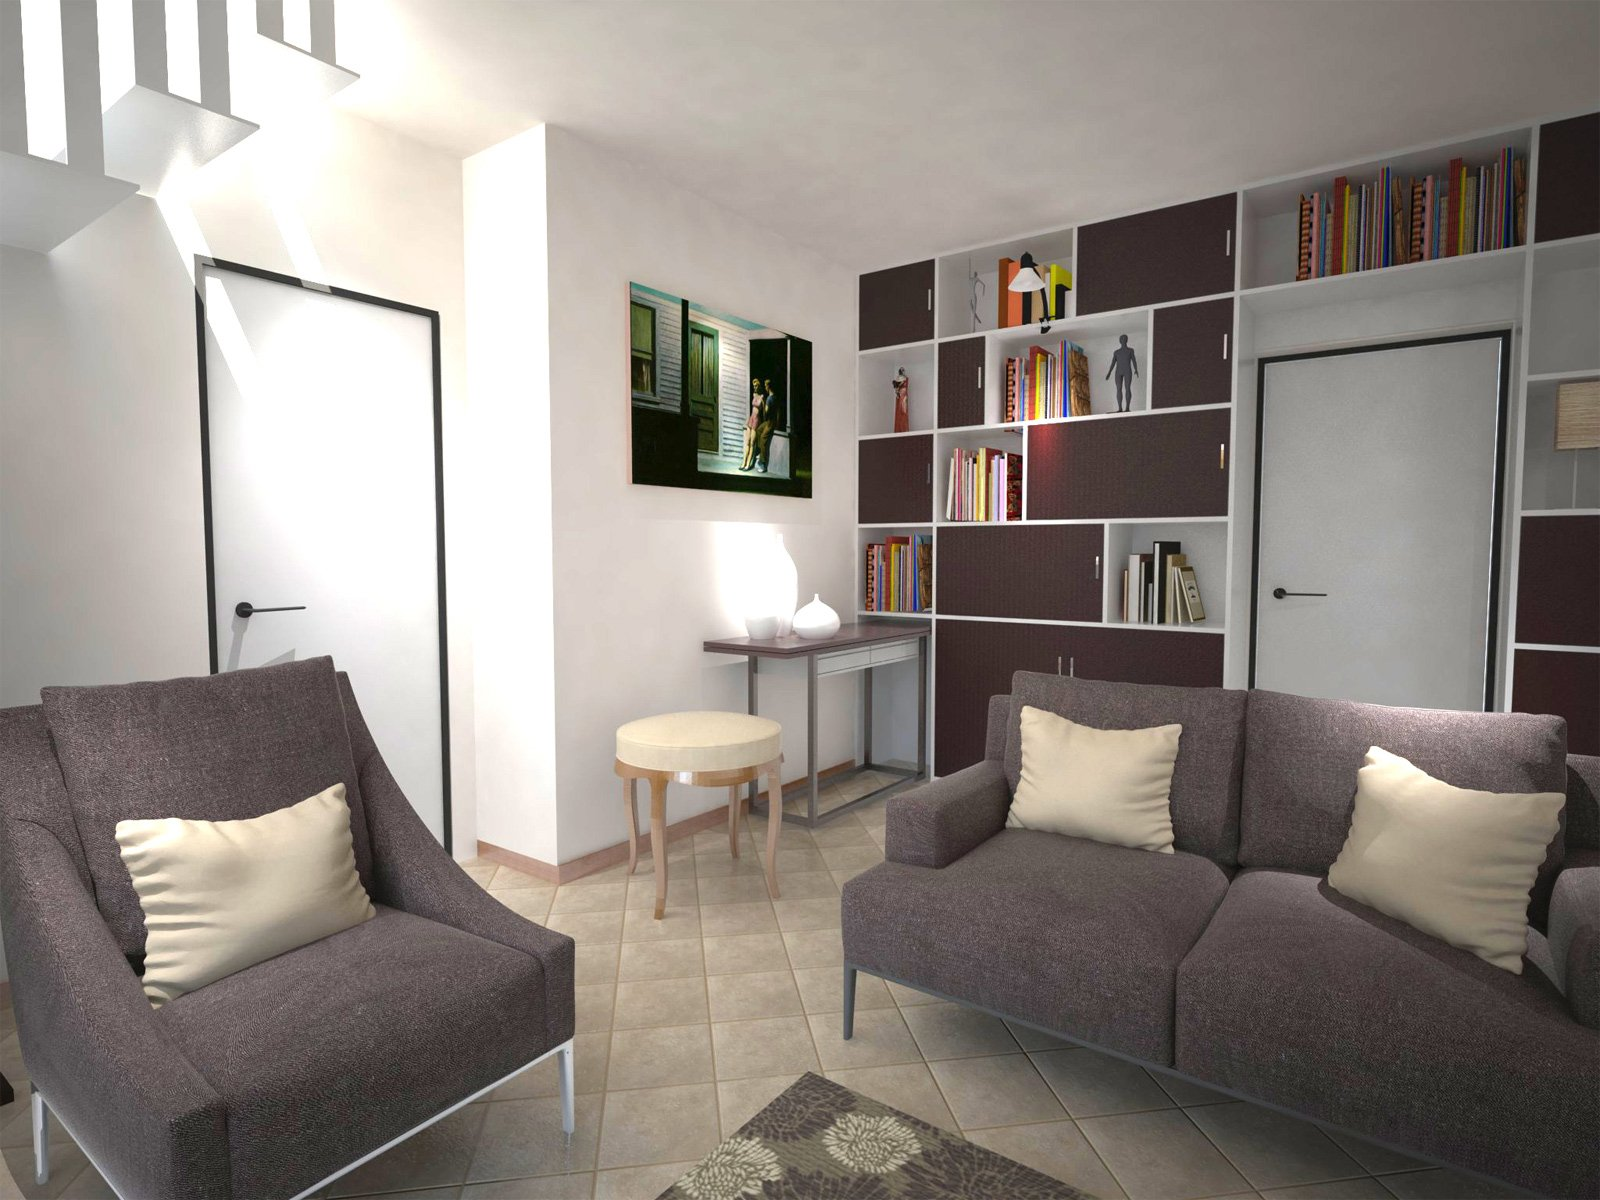 arredare un soggiorno con tante aperture sulle pareti